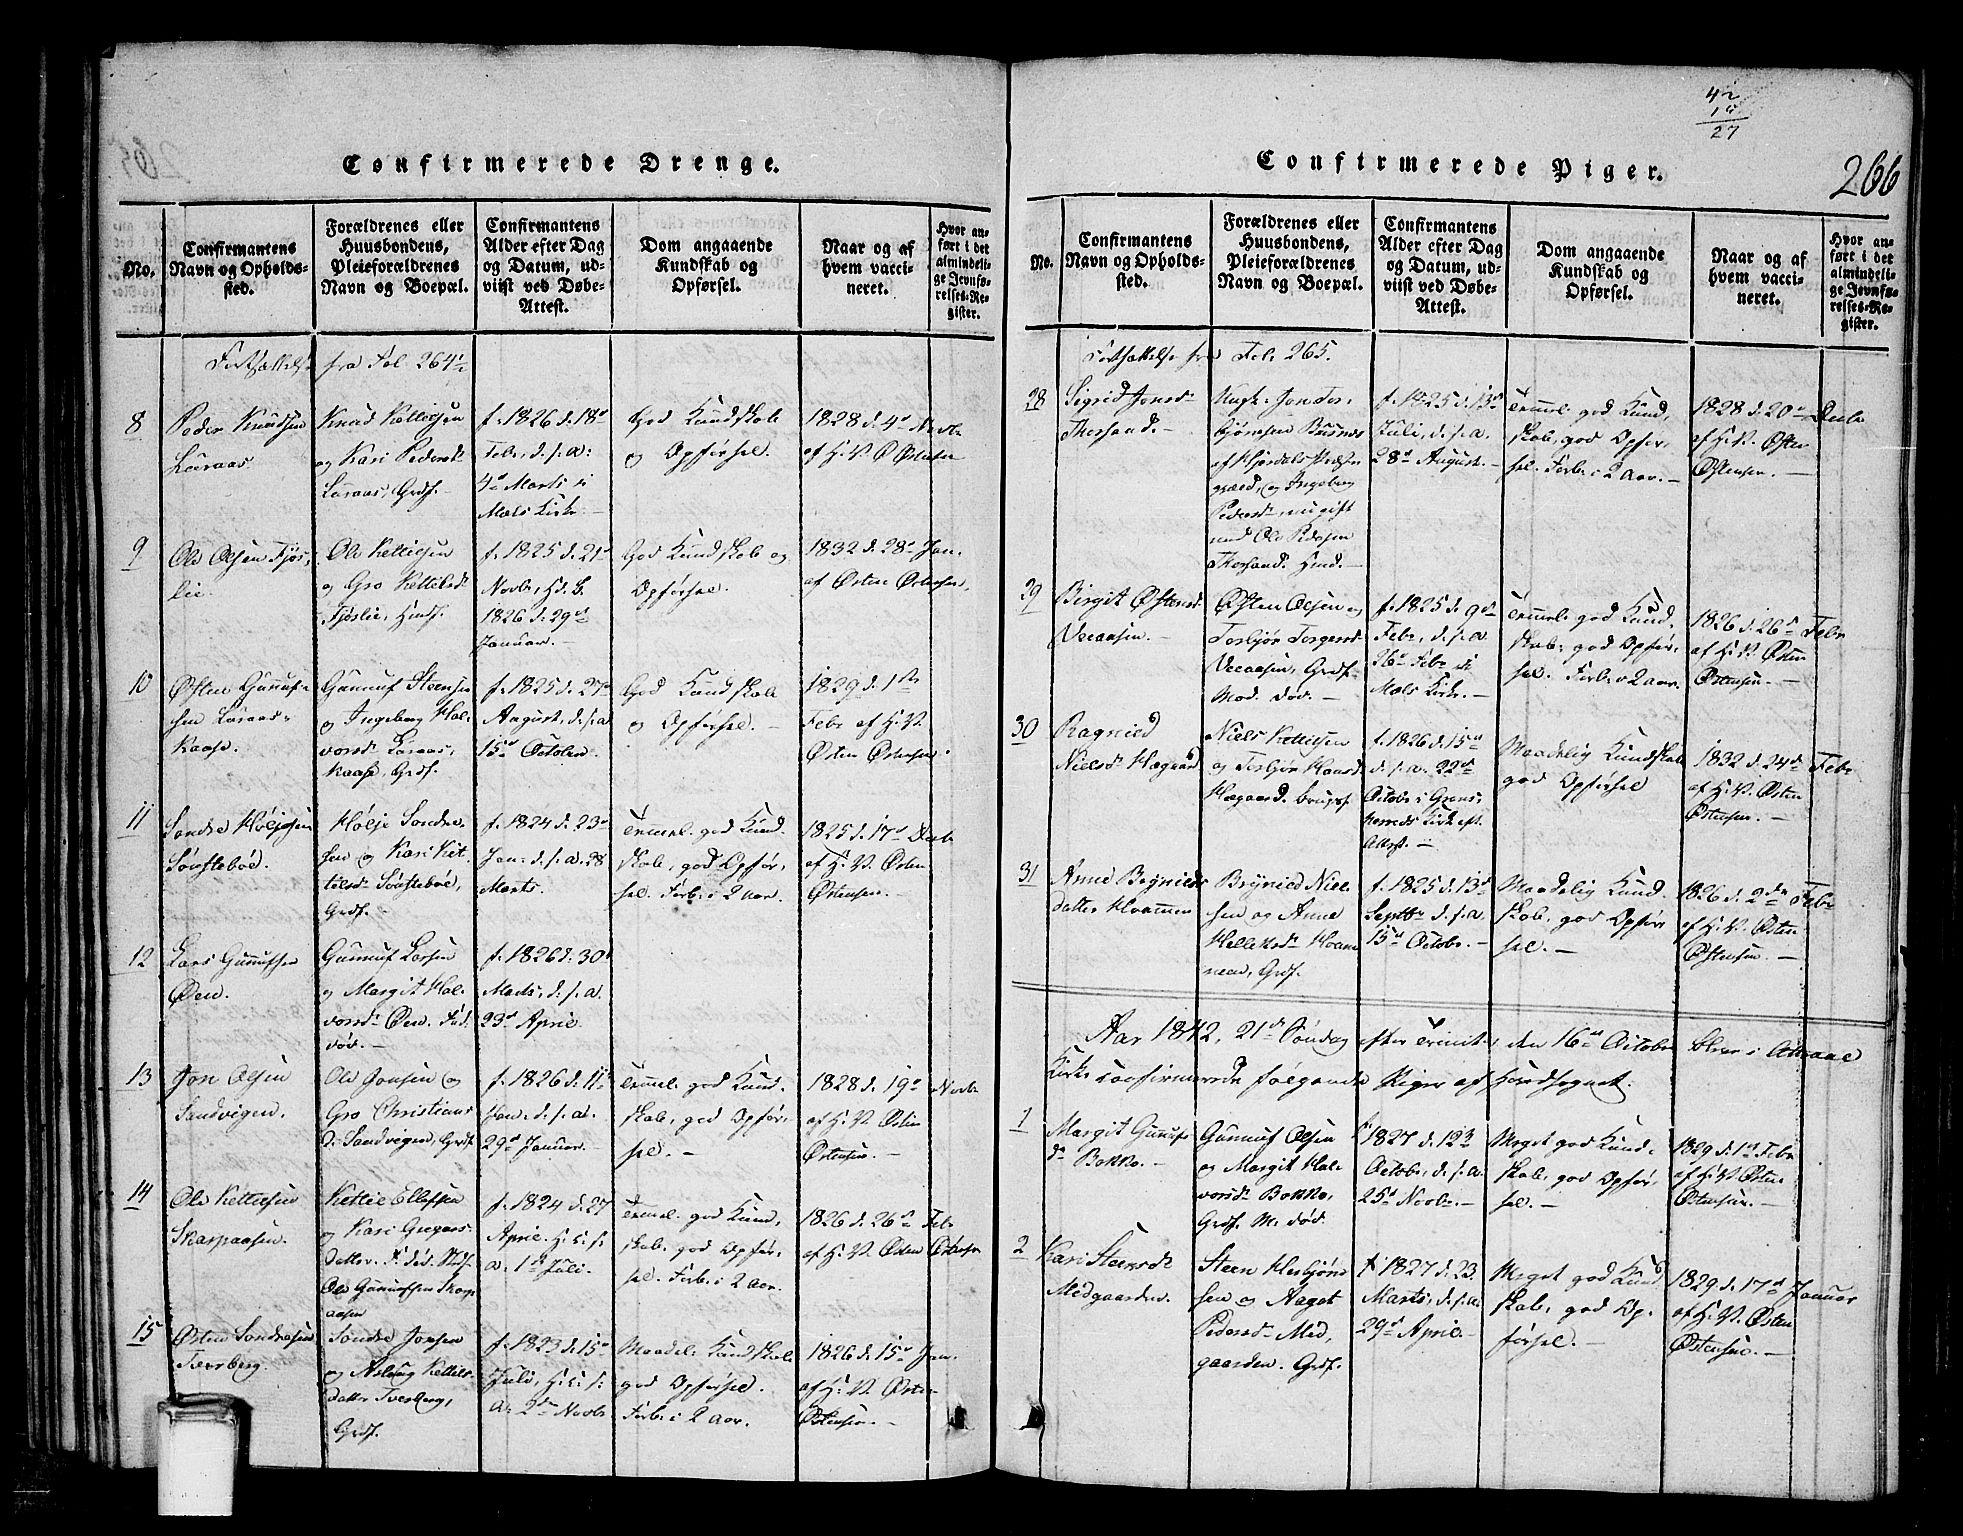 SAKO, Tinn kirkebøker, G/Gb/L0001: Klokkerbok nr. II 1 /2, 1837-1850, s. 267